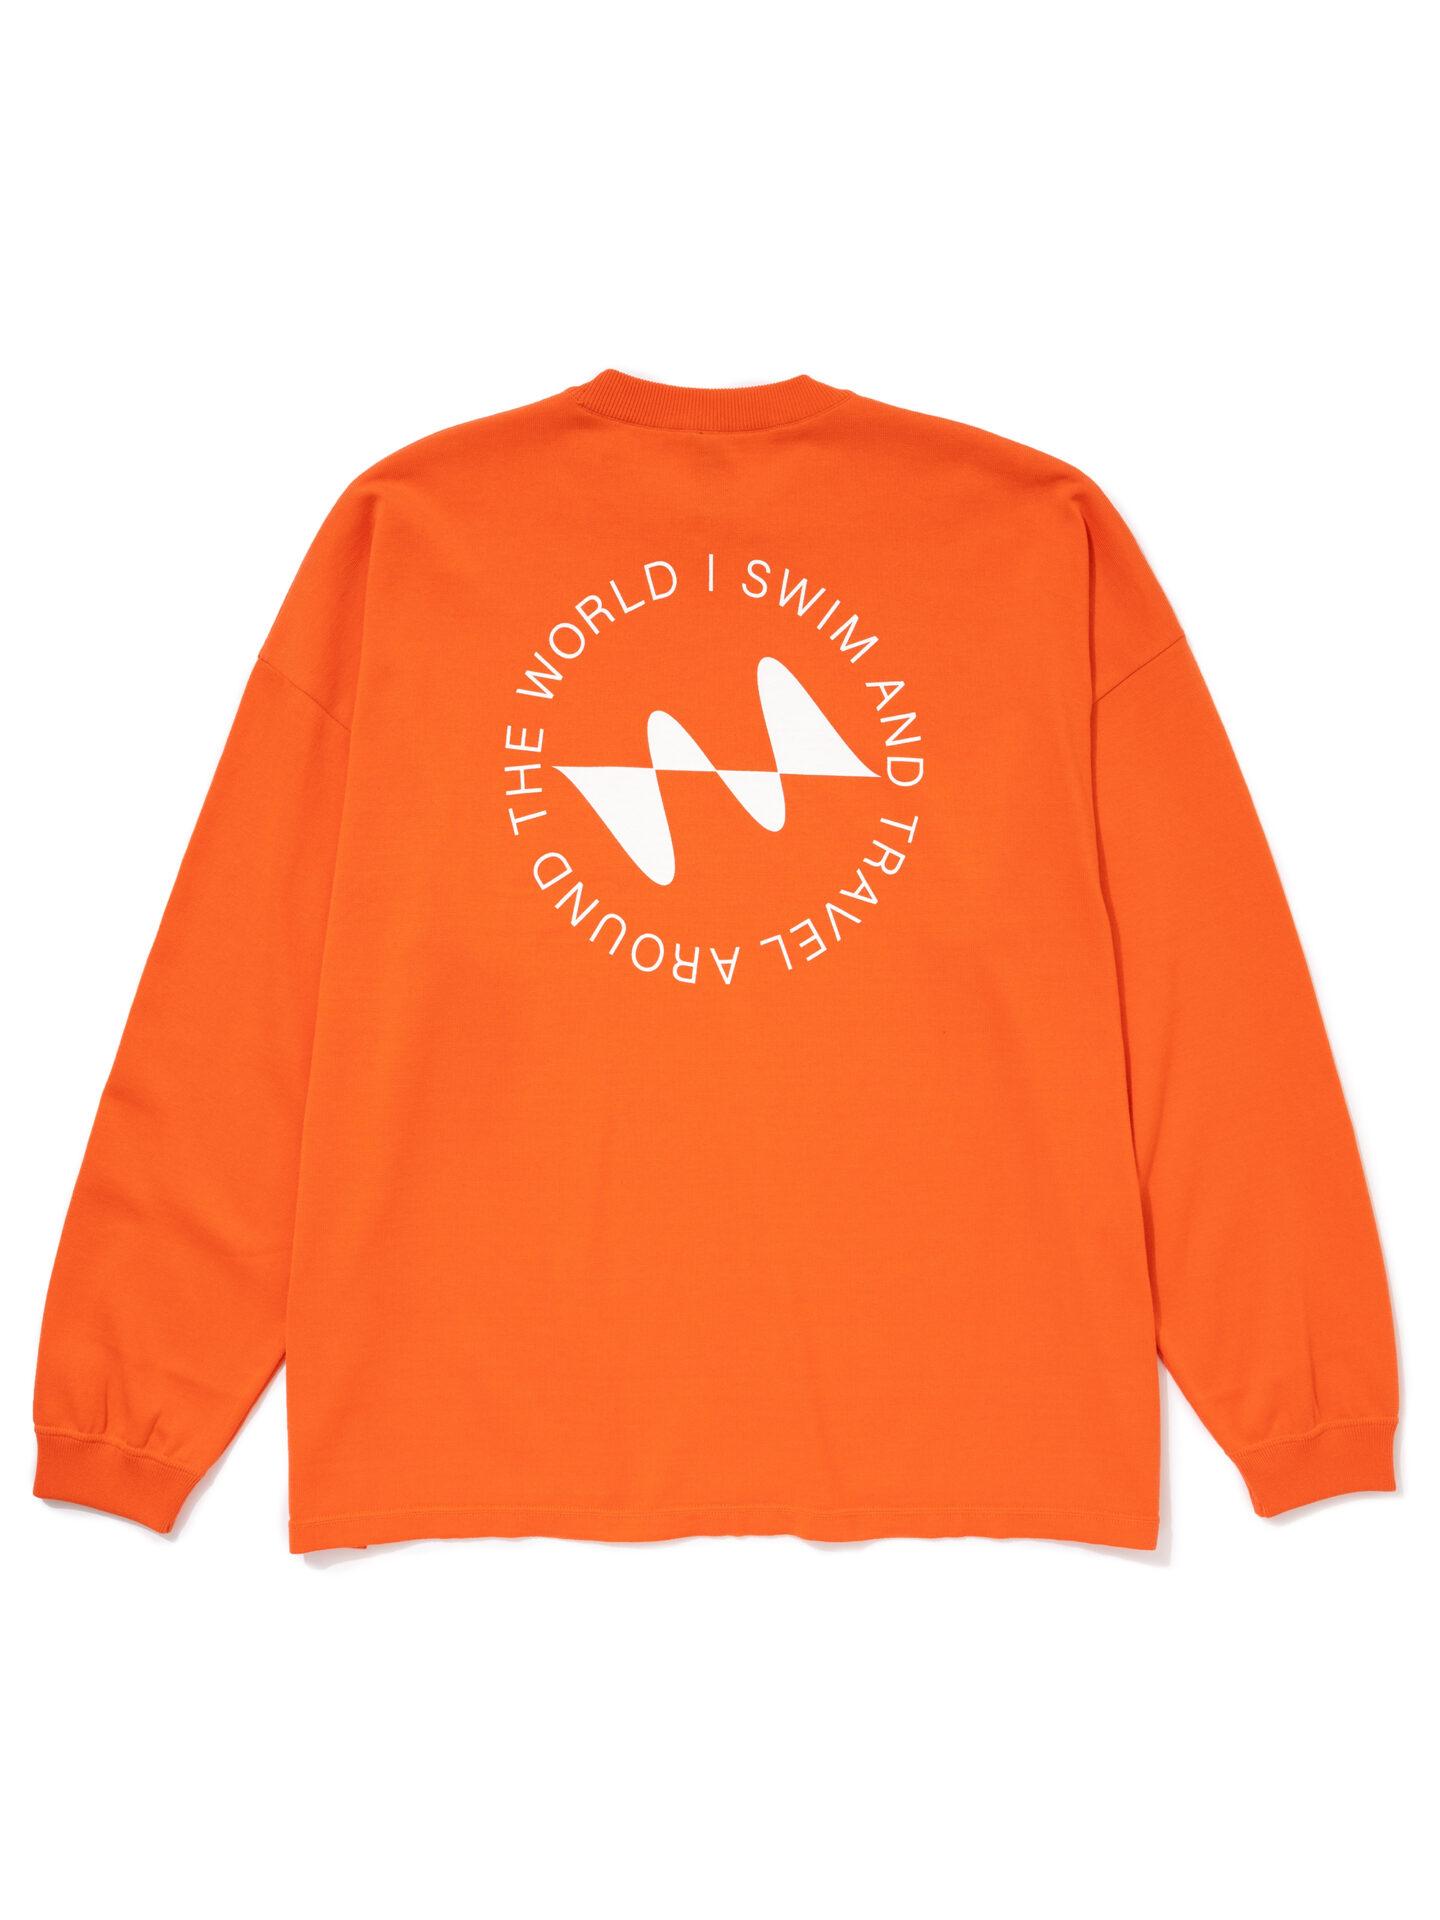 【超撥水】オーガニックコットン100%使用 最高級 I SWIMロゴ長袖Tシャツ -オレンジ